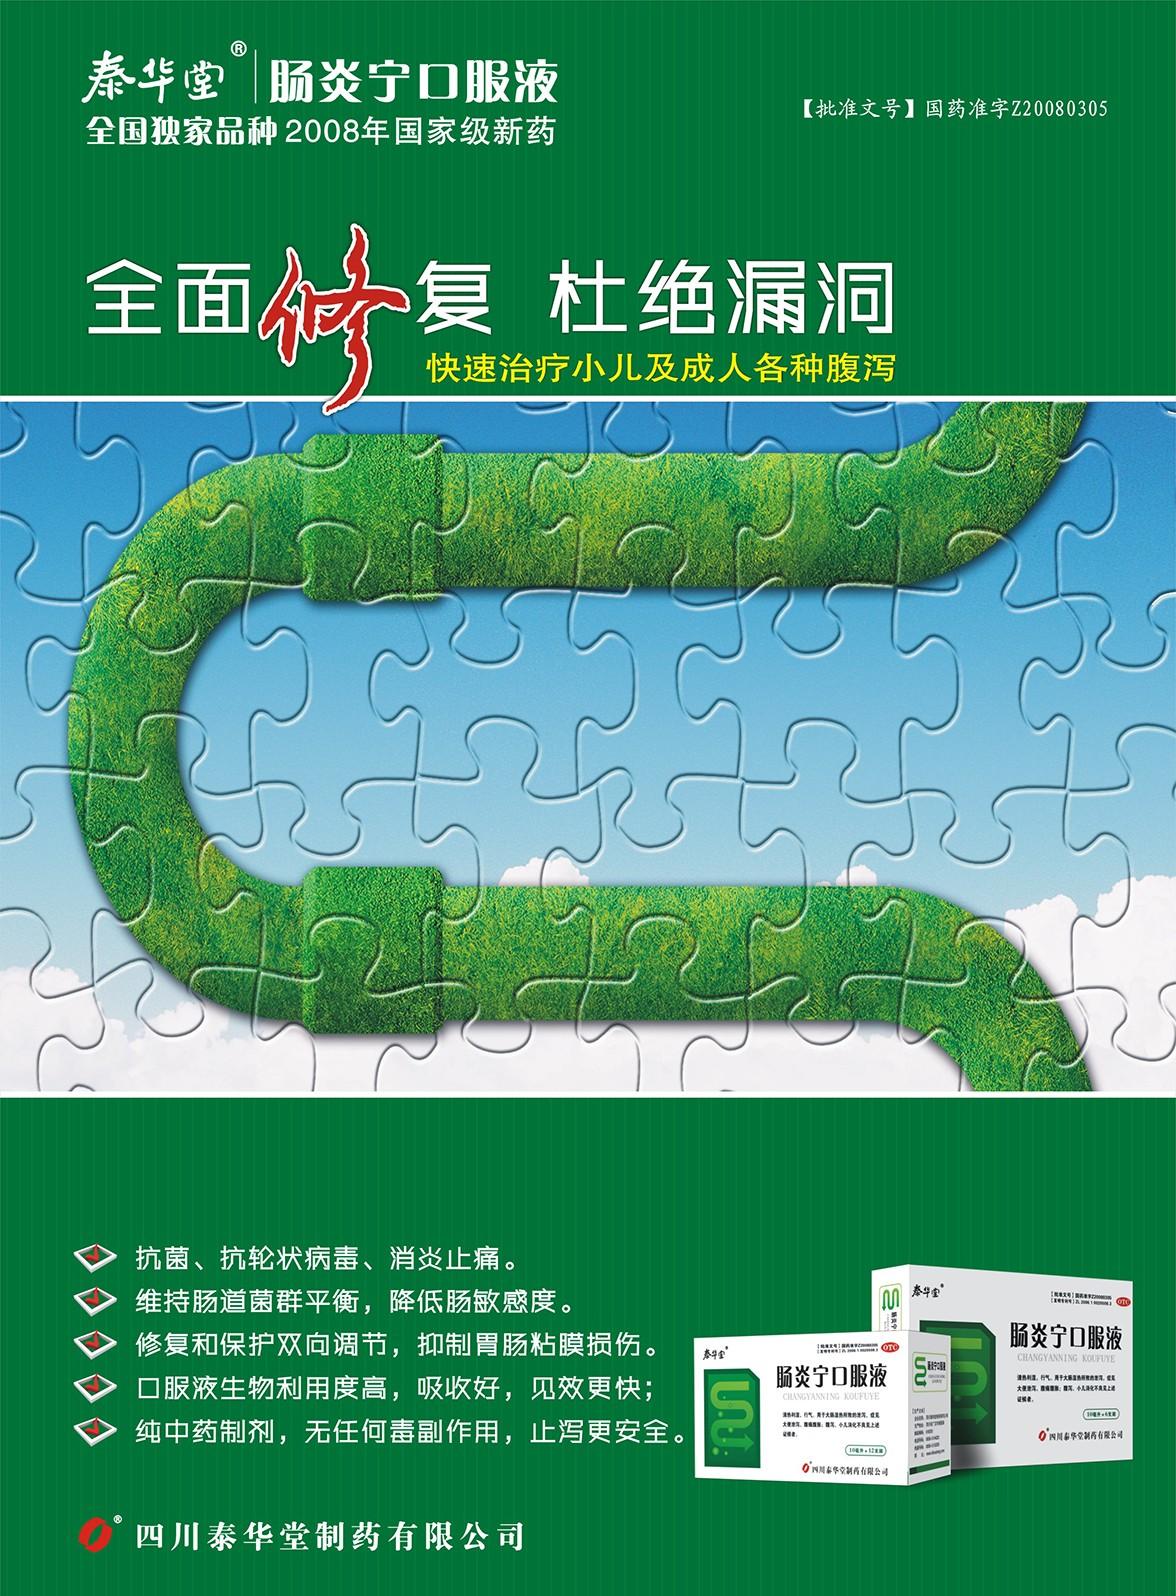 肠炎宁雷竞技下载官方版-1.jpg